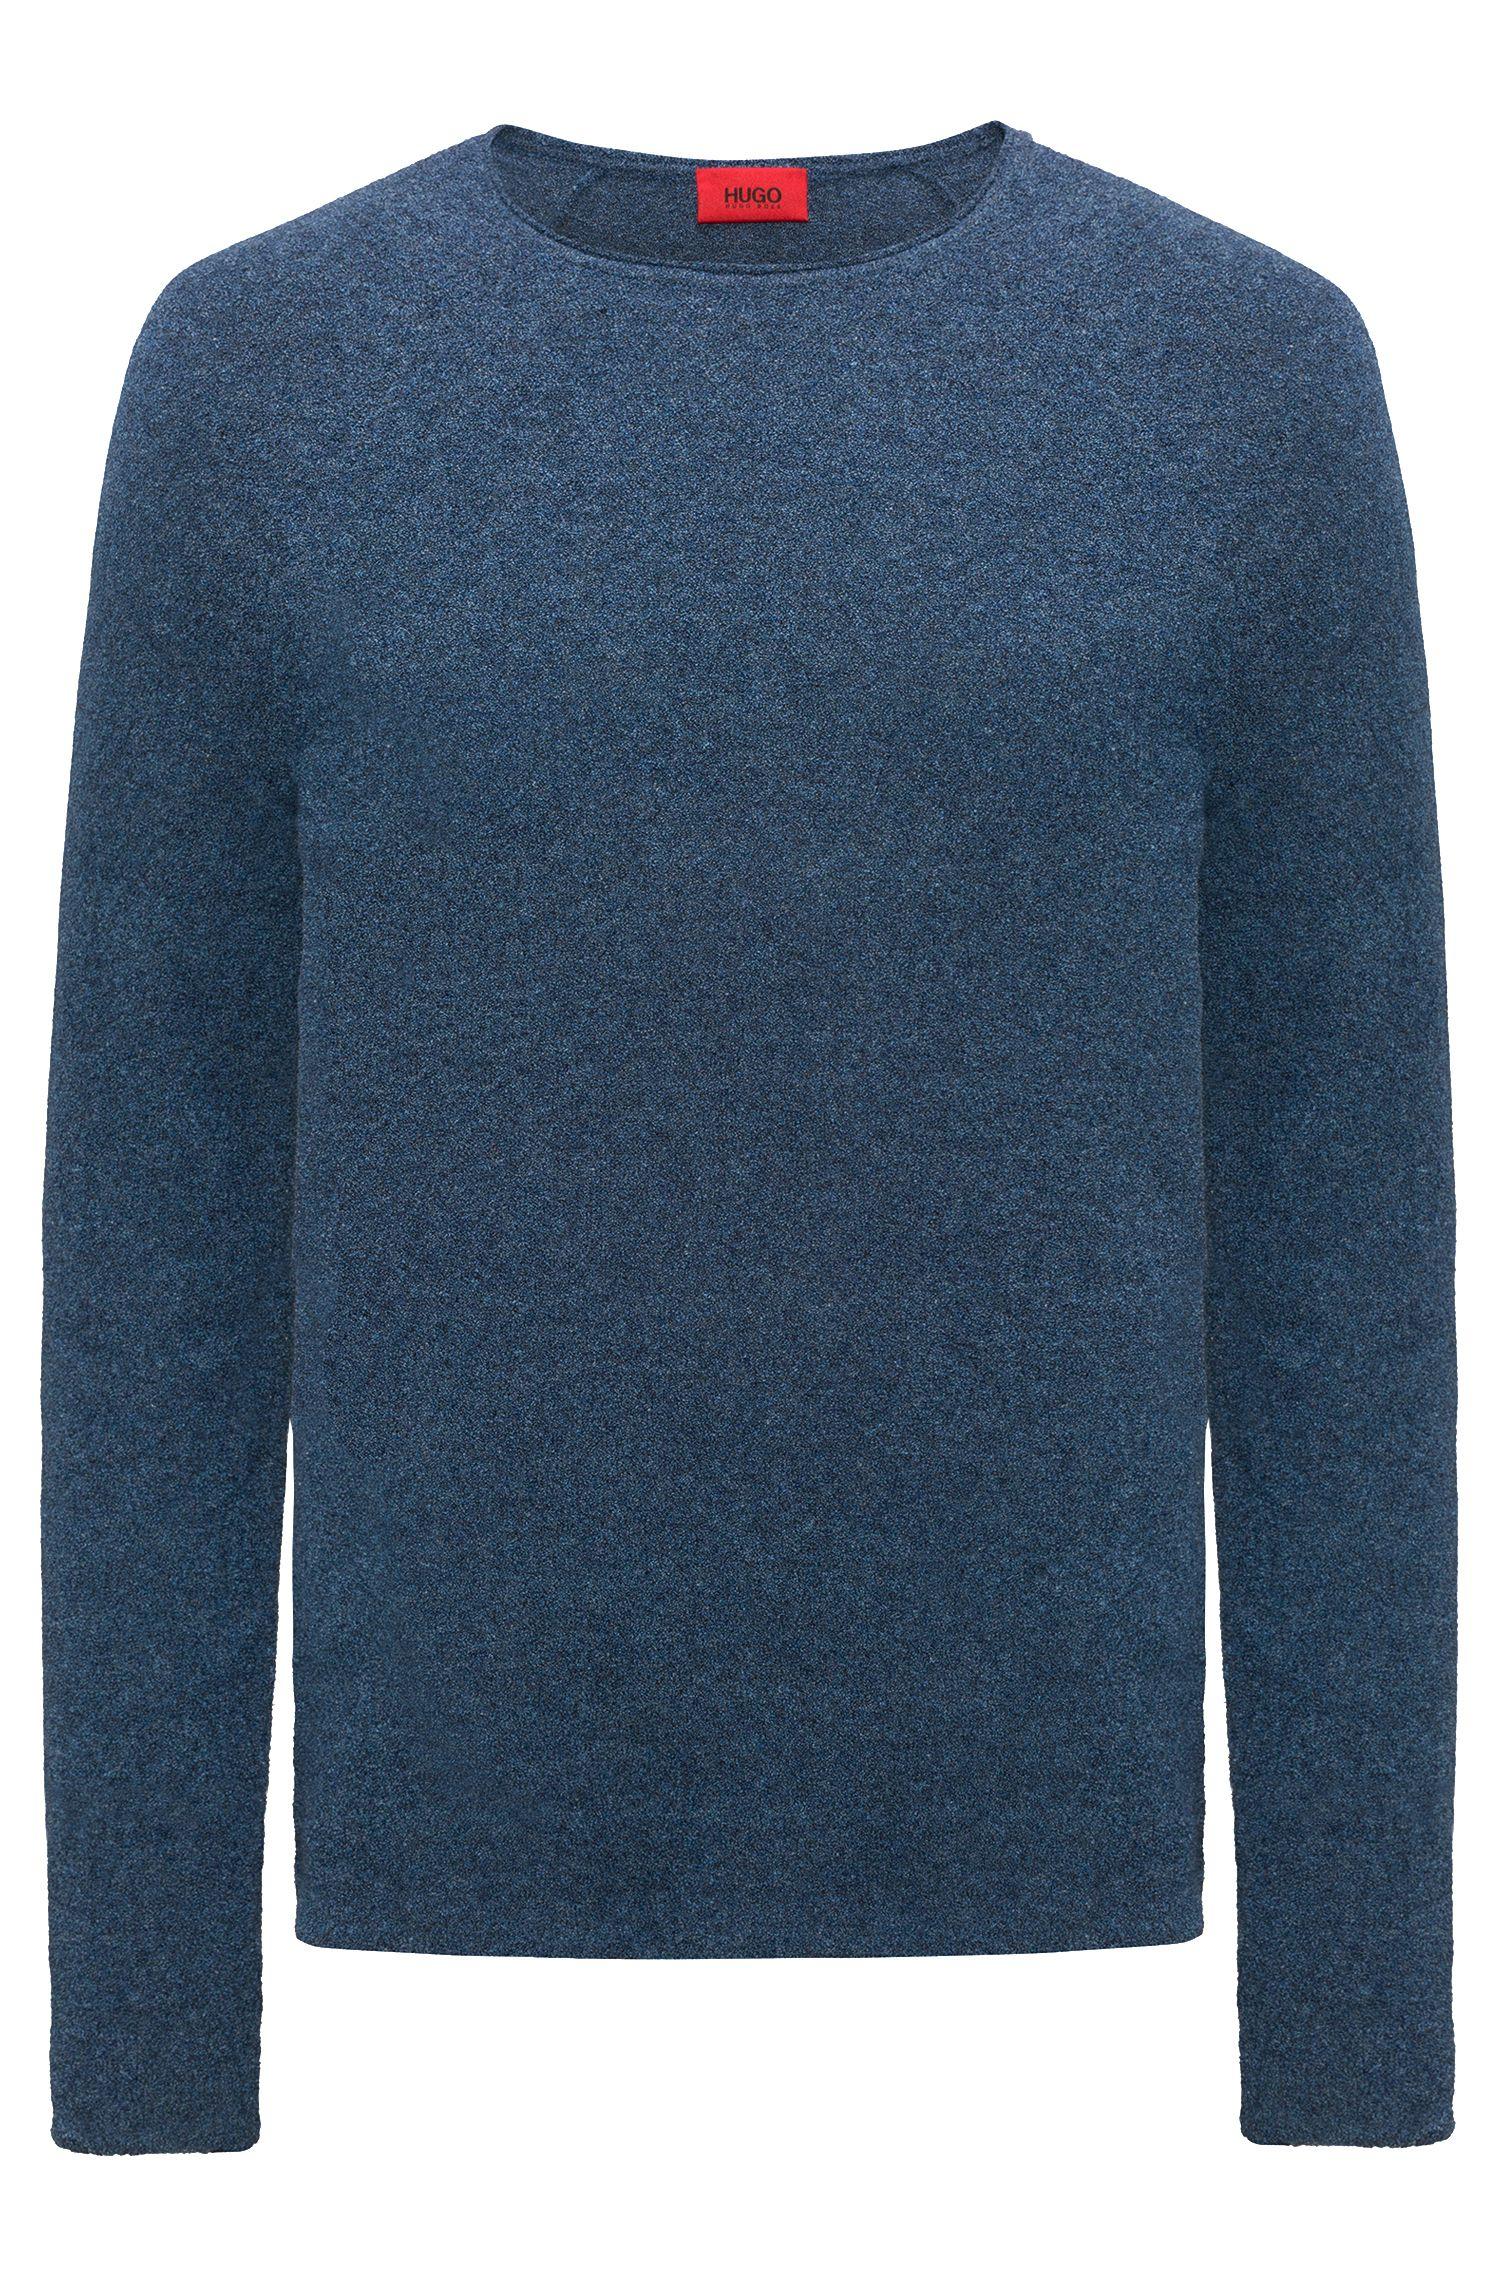 Strukturierter Pullover aus Baumwoll-Mix